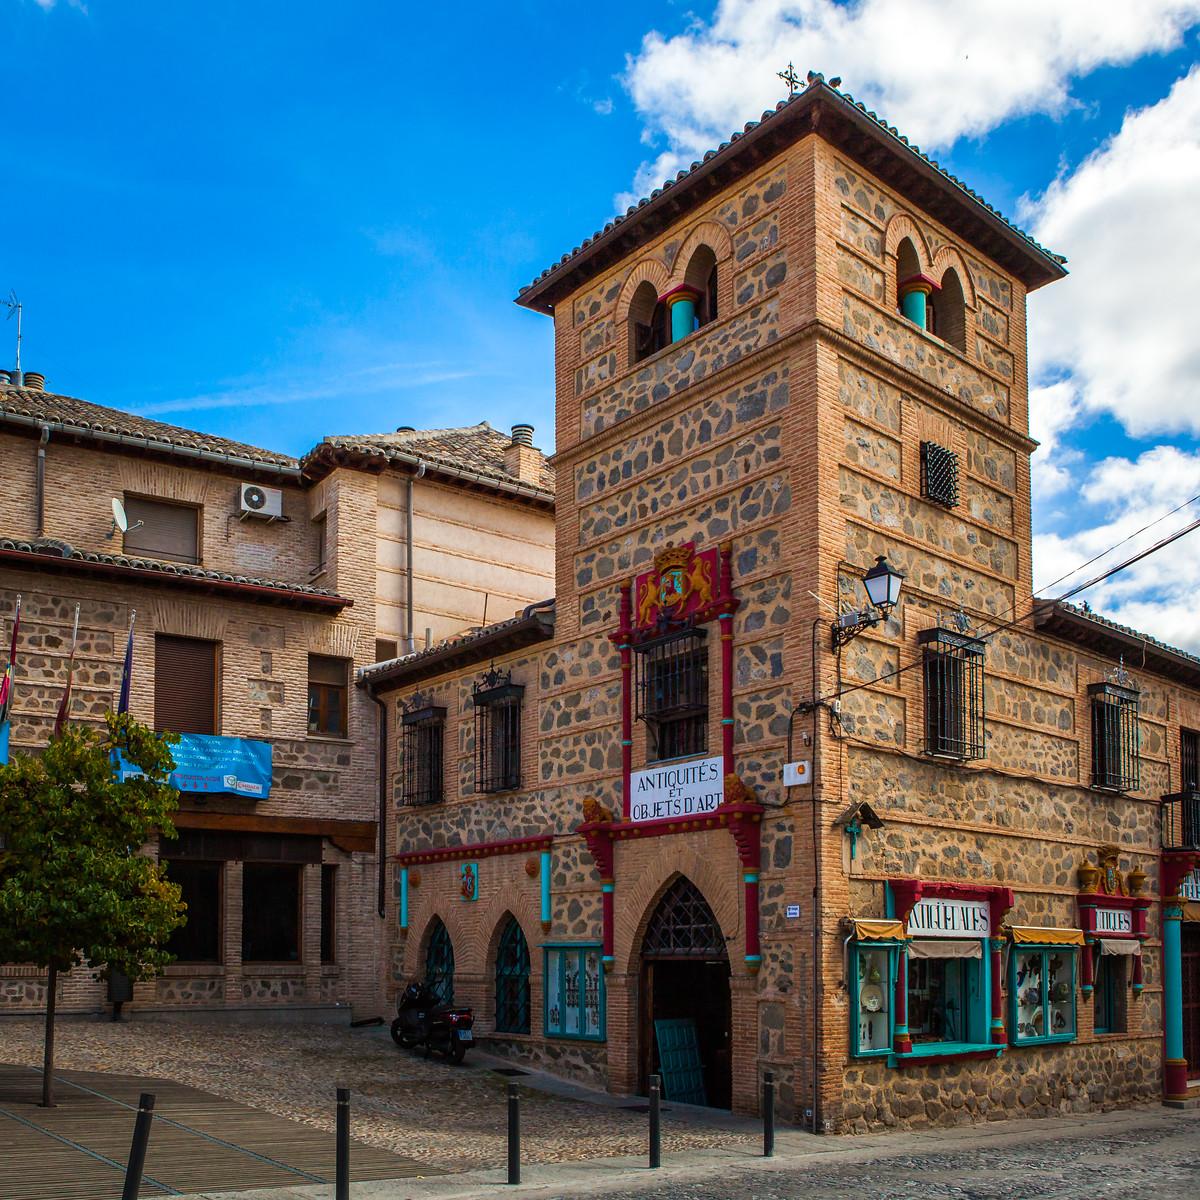 西班牙小鎮的古建築,走近看一看_圖1-6